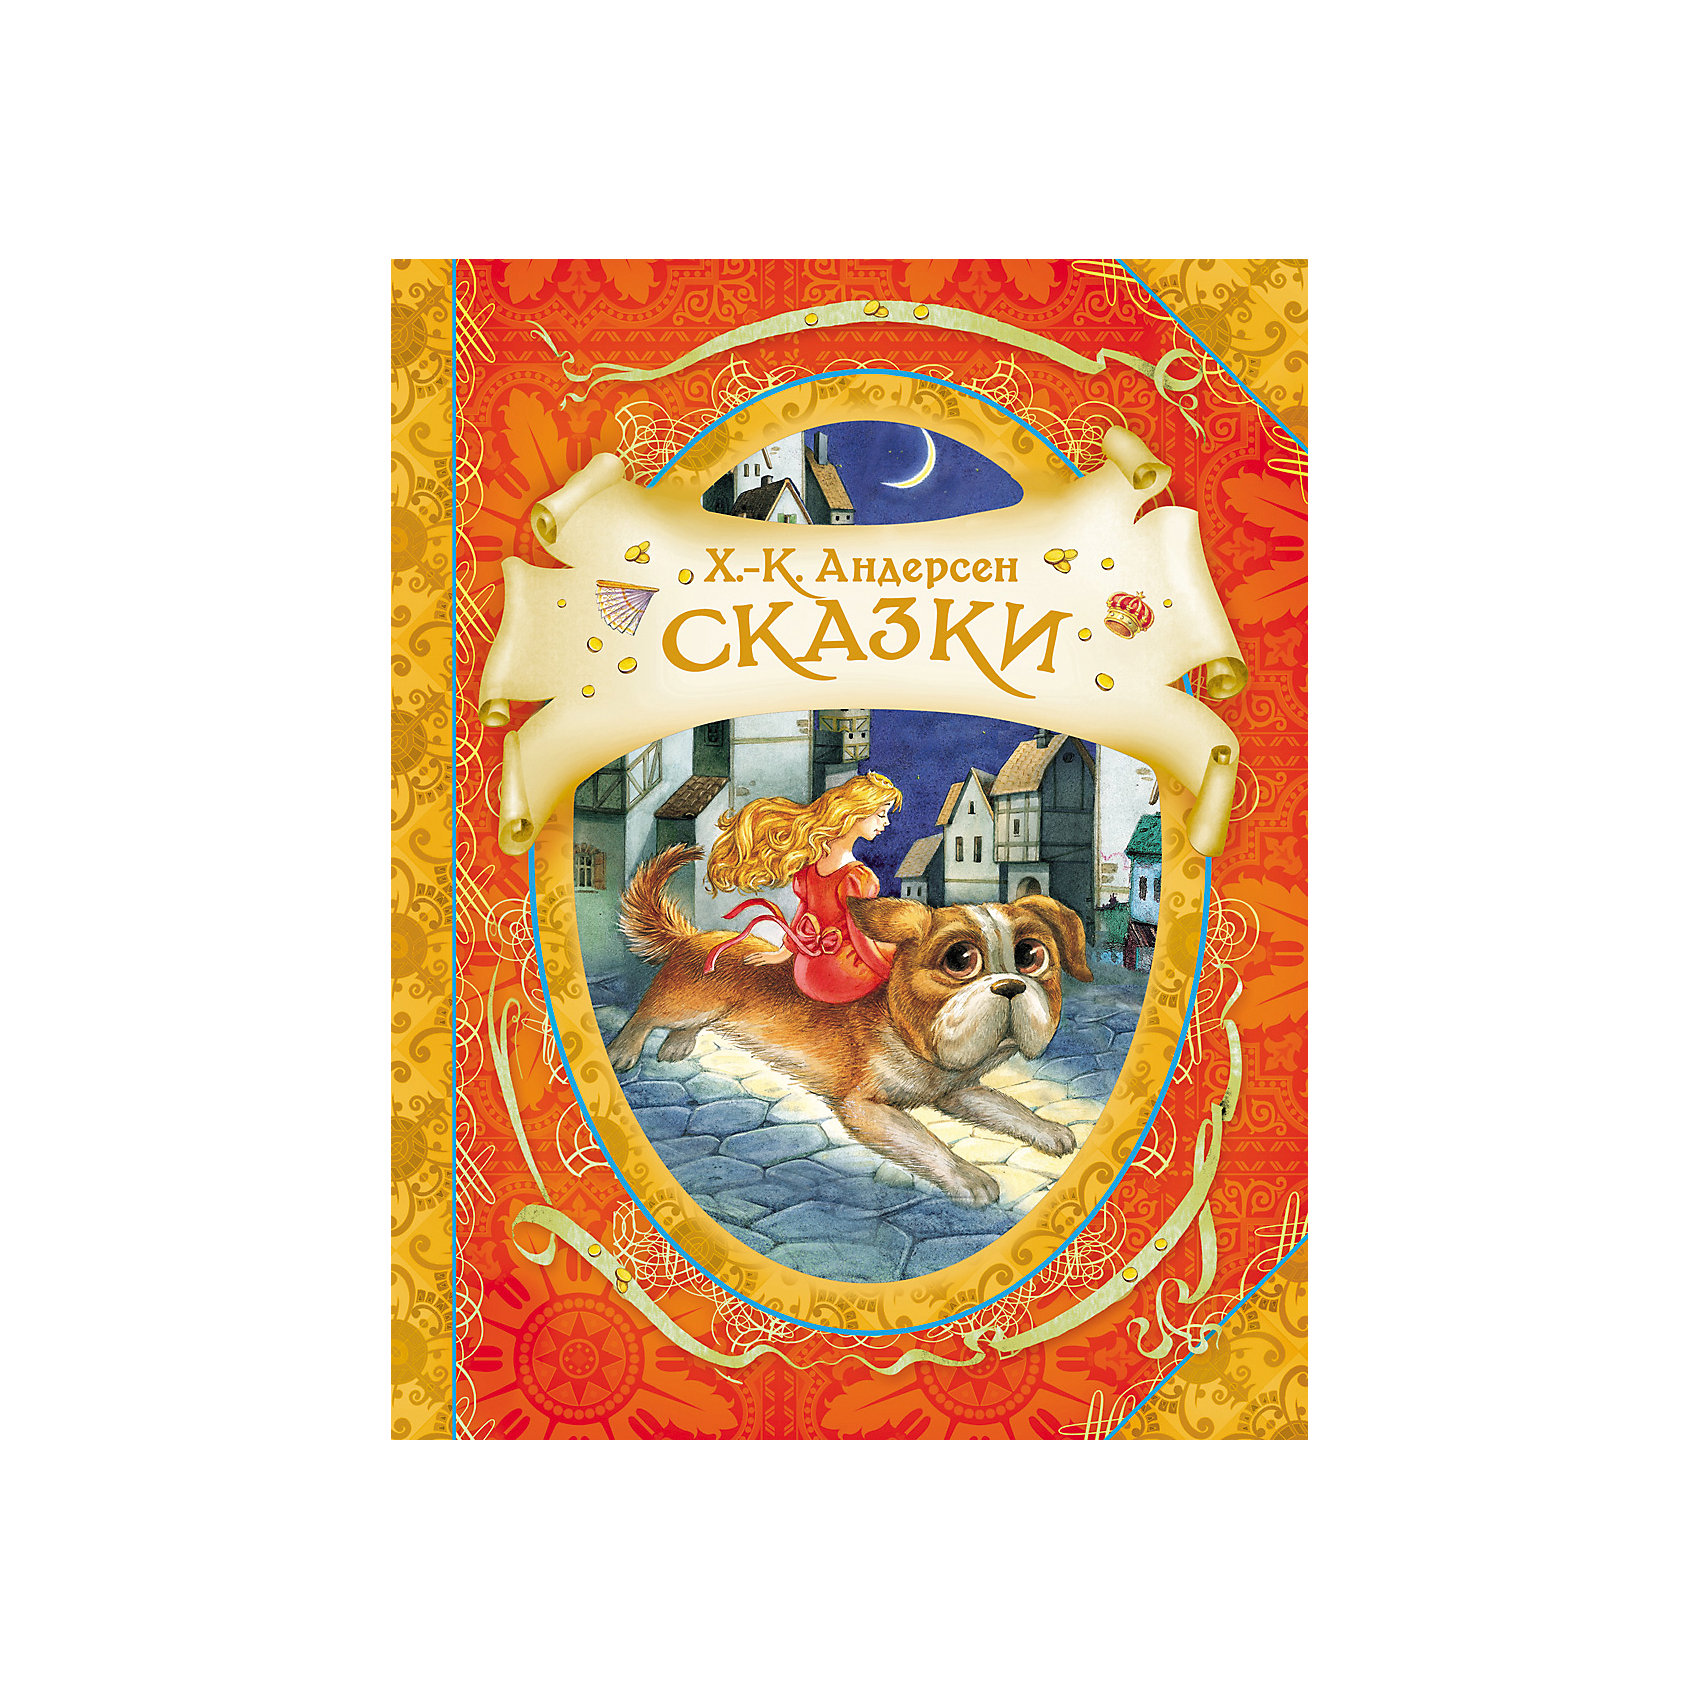 Сказки, Х.-К. АндерсенАндерсен Г.Х.<br>В книгу вошли самые известные и любимые произведения великого сказочника: «Огниво»,  «Дюймовочка», «Гадкий утёнок»,  «Свинопас», «Новое платье короля», «Снежная королева». &#13;<br>Тексты издаются без сокращений в классических переводах А. Ганзен, Т. Габбе, А. Любарской. &#13;<br>Красочные иллюстрации художника-графика, иллюстратора детской книги, участника международных выставок  Елены Звольской. &#13;<br>Сказки Андерсена самобытны и выделяются среди произведений других писателей-сказочников:  его истории и герои не взяты из фольклора, а придуманы им самим. И хотя в сказках много печали и грусти, благодаря их поэтичности и красоте в душе каждого пробуждаются самые тёплые и светлые чувства.<br><br>Ширина мм: 260<br>Глубина мм: 200<br>Высота мм: 5<br>Вес г: 607<br>Возраст от месяцев: 60<br>Возраст до месяцев: 2147483647<br>Пол: Унисекс<br>Возраст: Детский<br>SKU: 4720551